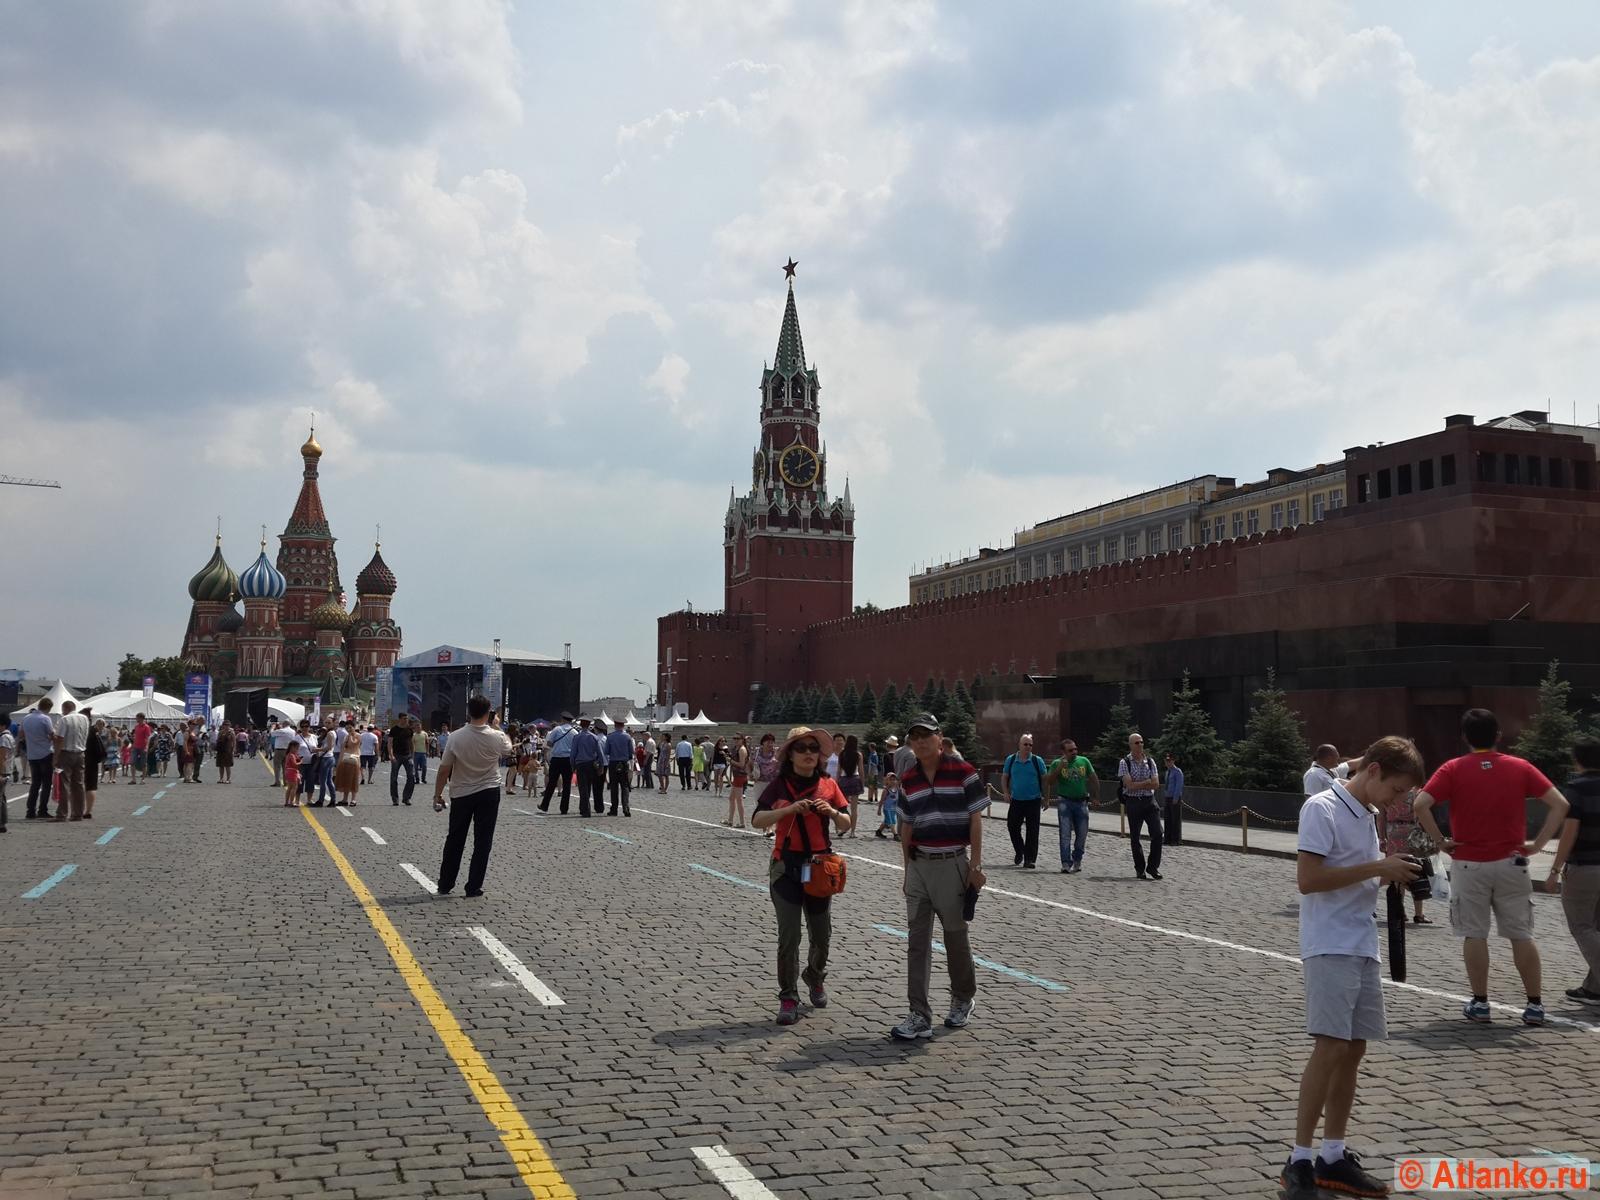 Красная площадь - главная площадь России. Москва. Фотография